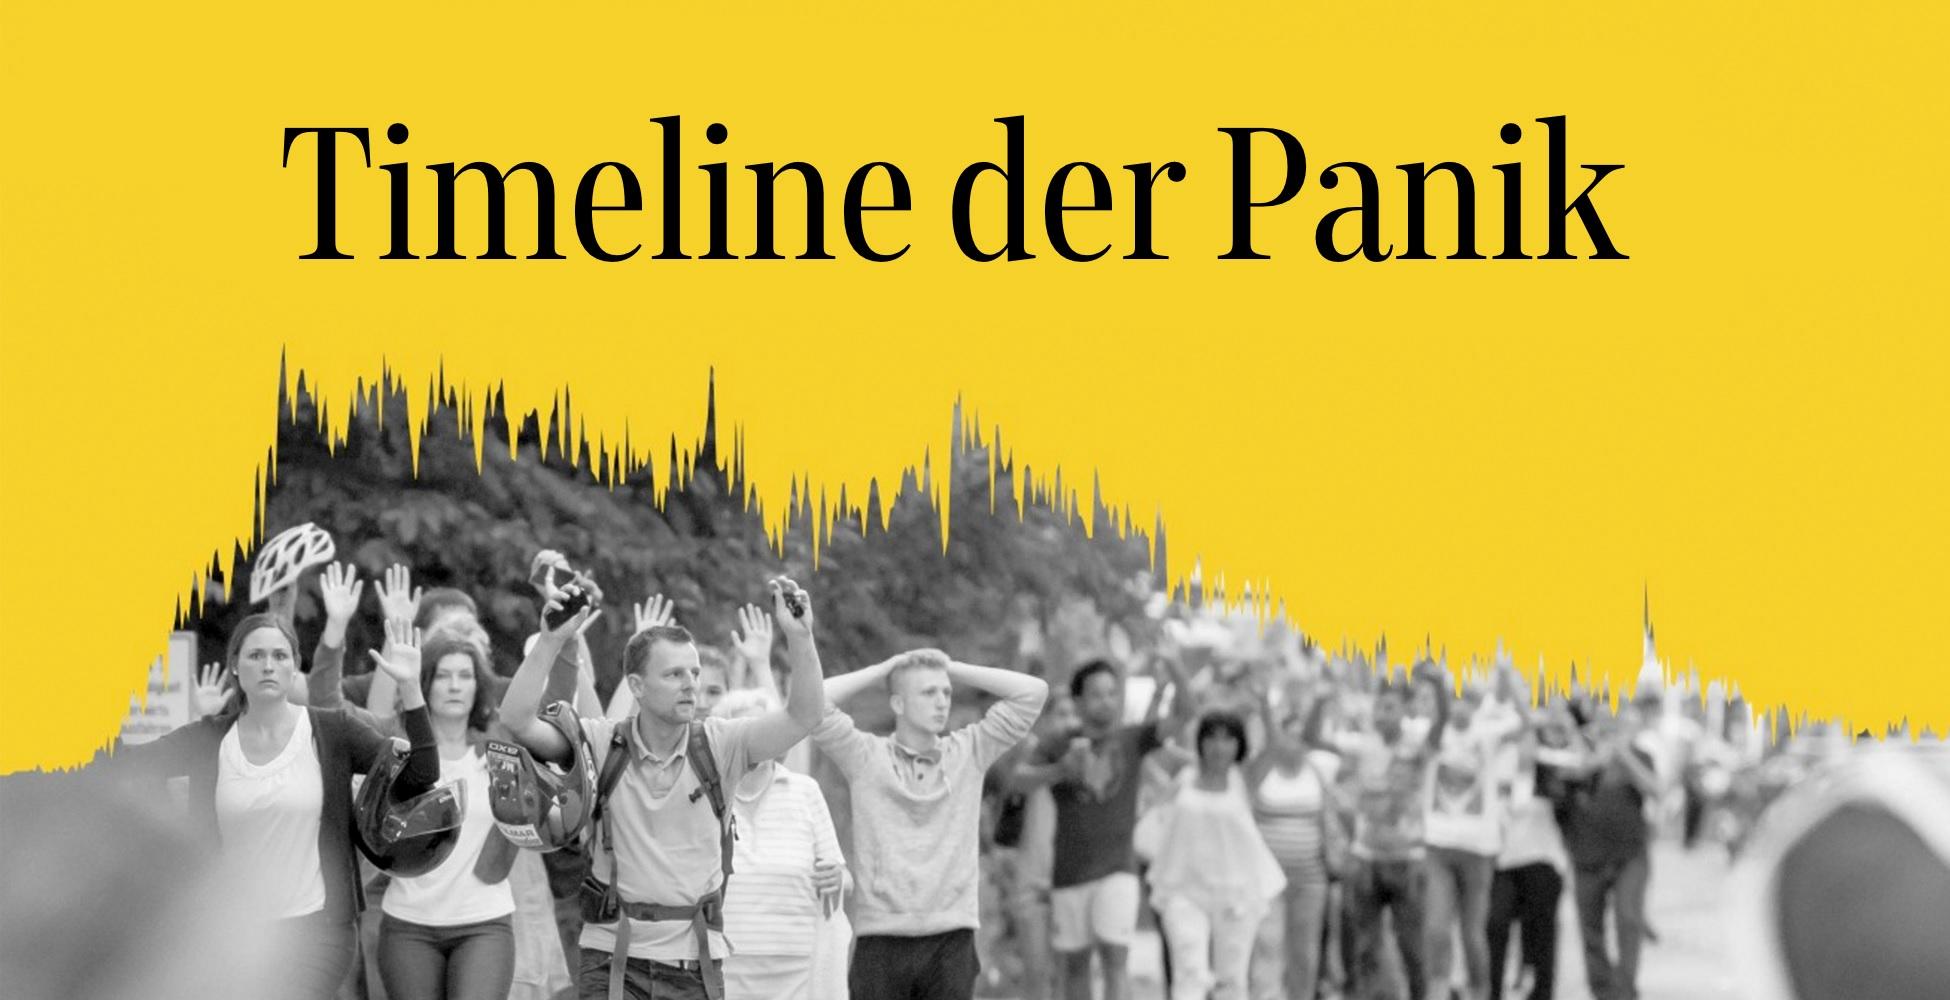 Der Artikel zu Timeline der Panik. Foto: Süddeutsche Zeitung.